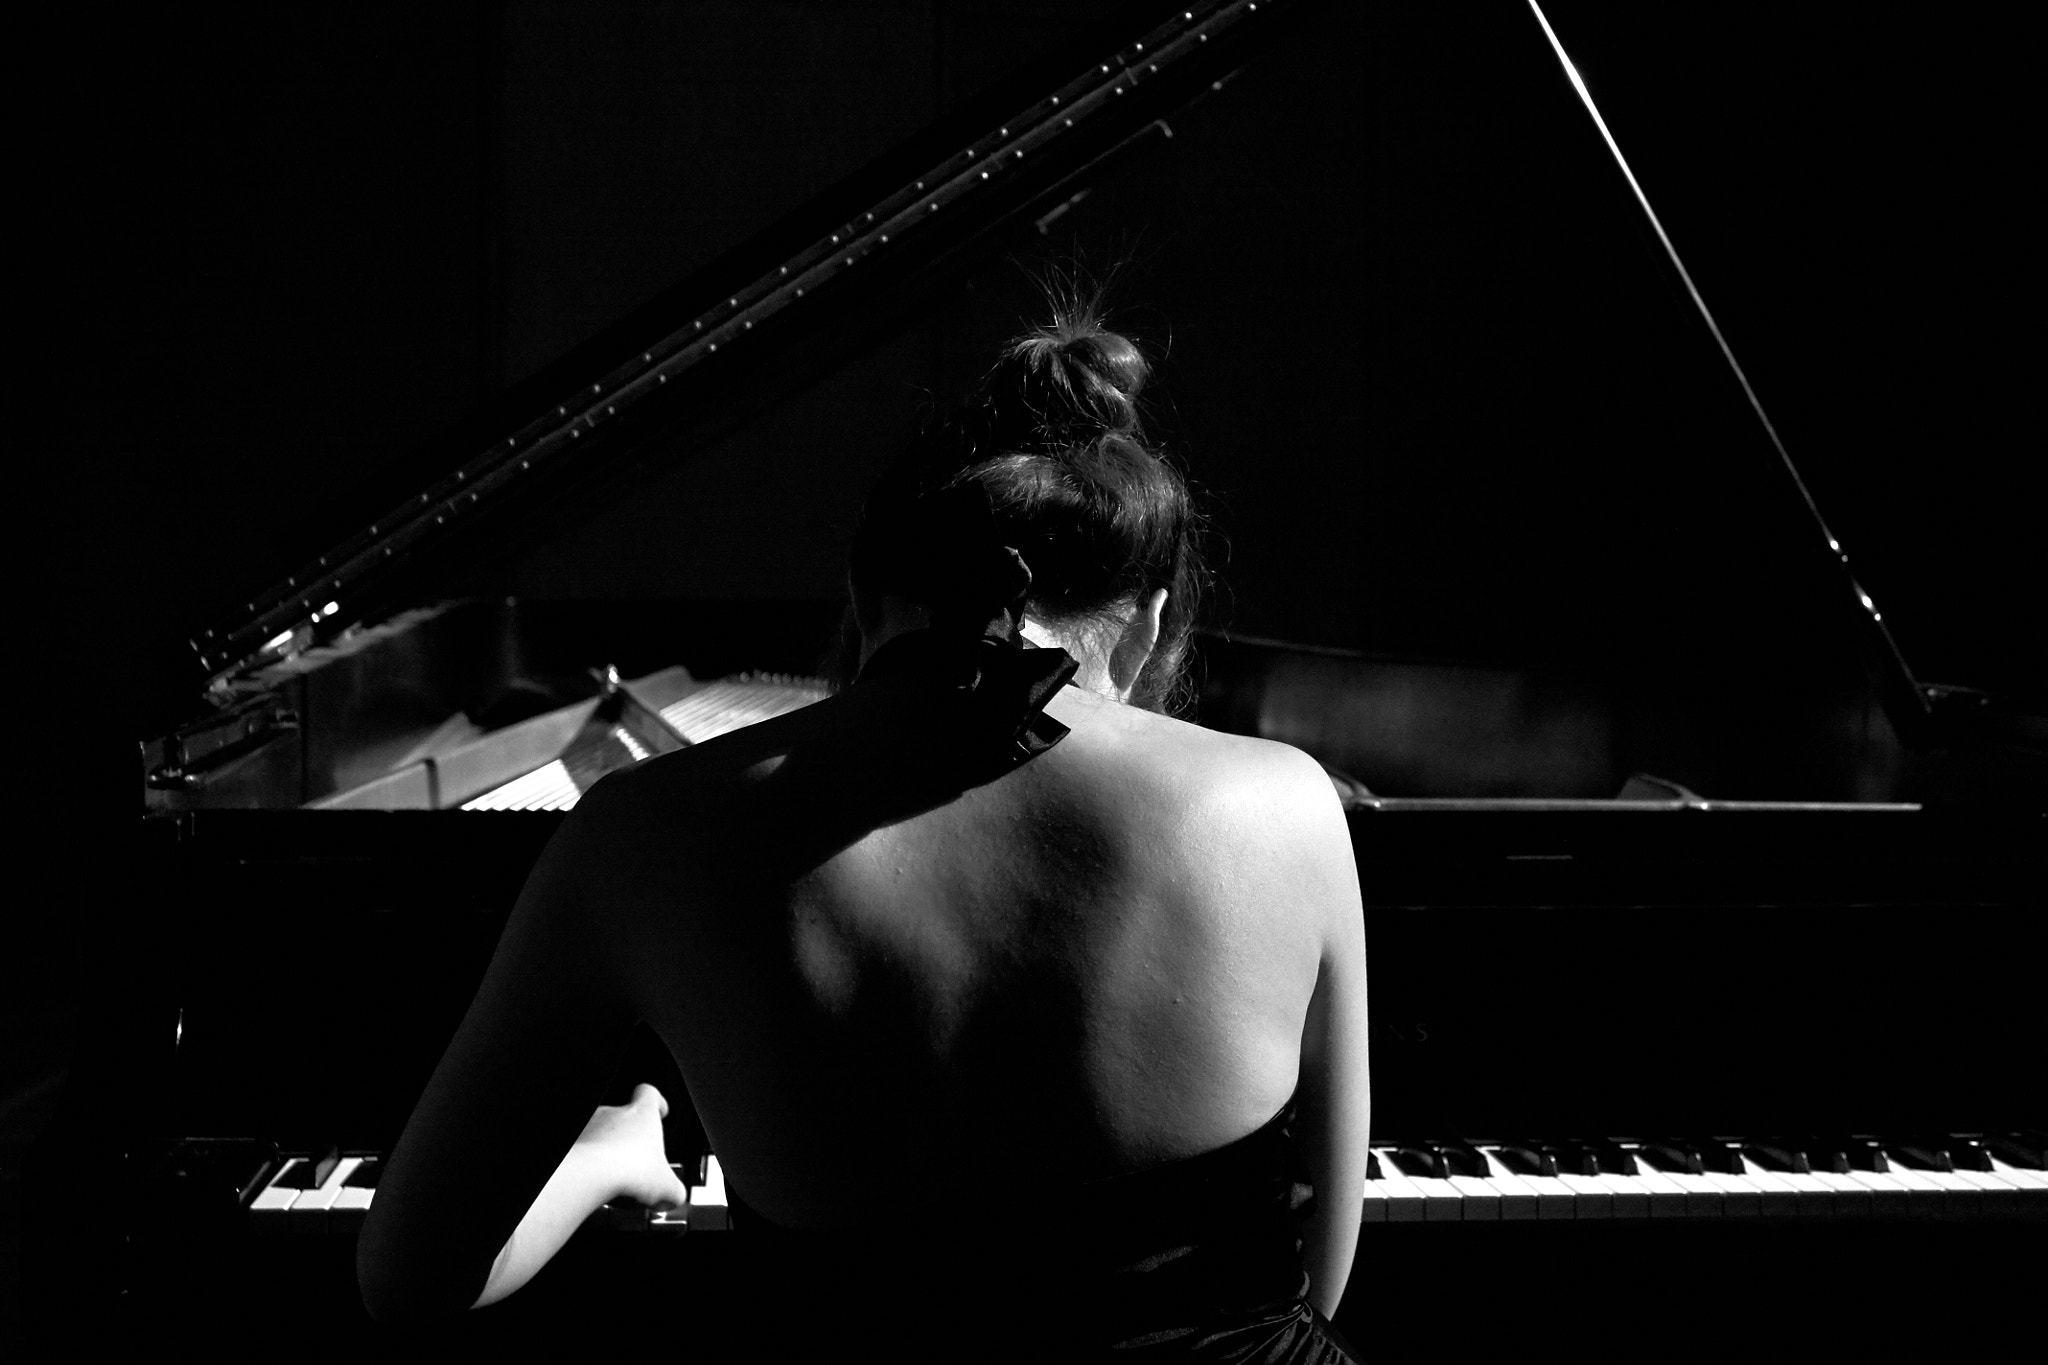 孩子如何備戰鋼琴比賽?